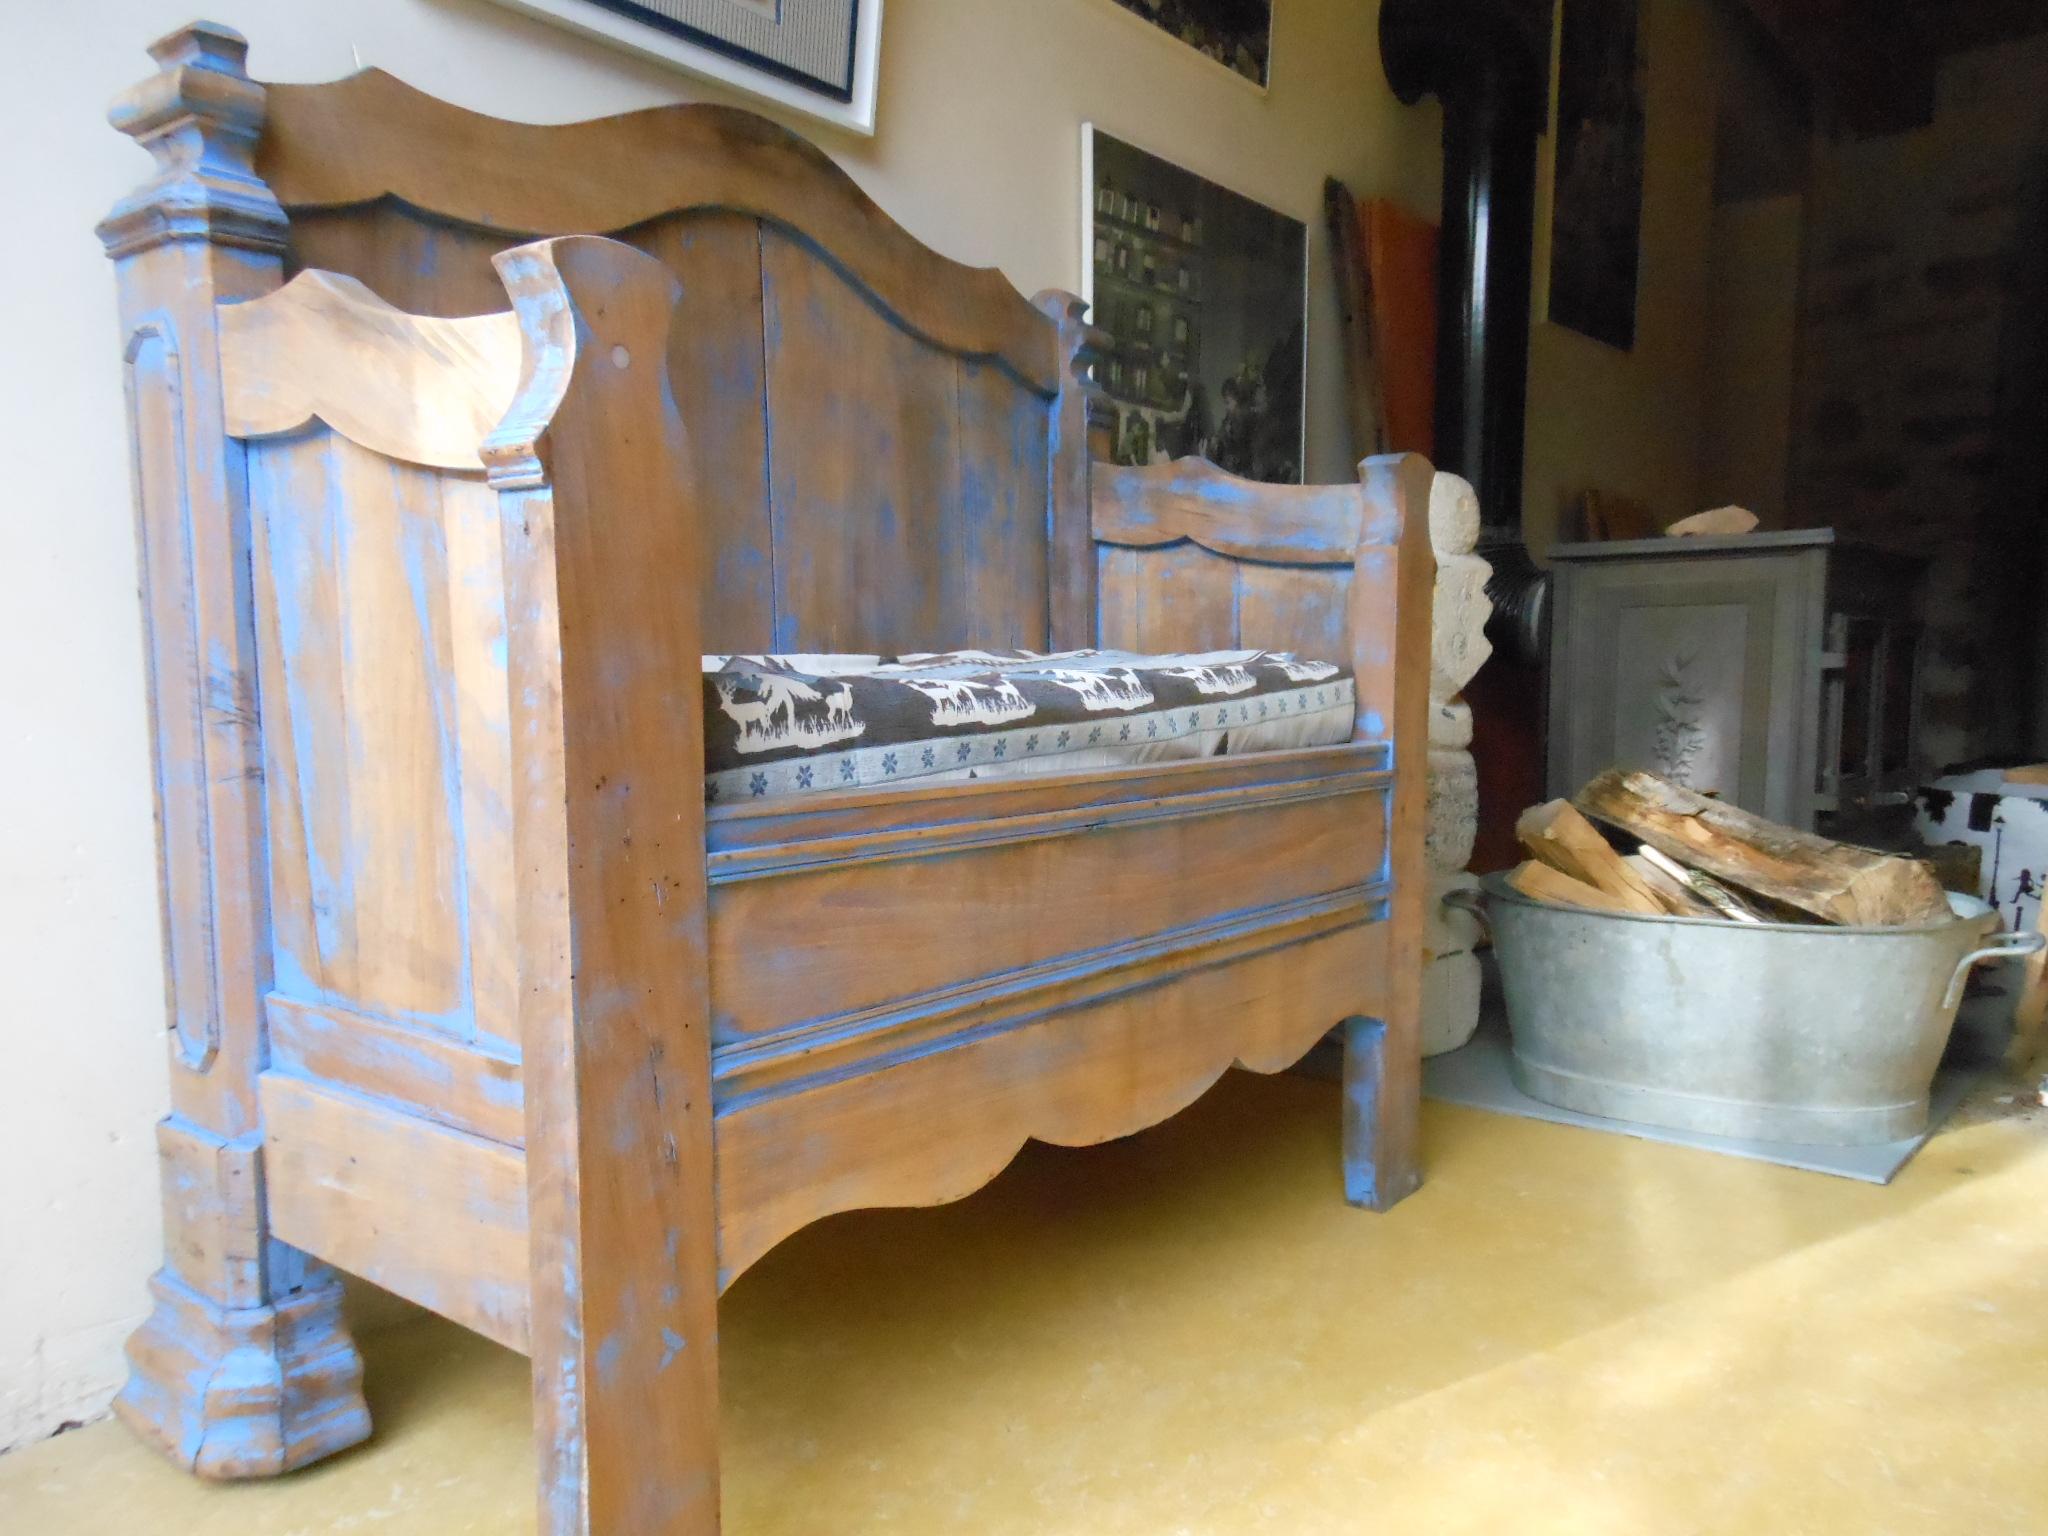 On enlève ses chaussures à l'entrée du gite la maison bleue en Ardèche. Enfin le moyen de s'assoir ! Fabrication ardéchoise de surcroit.